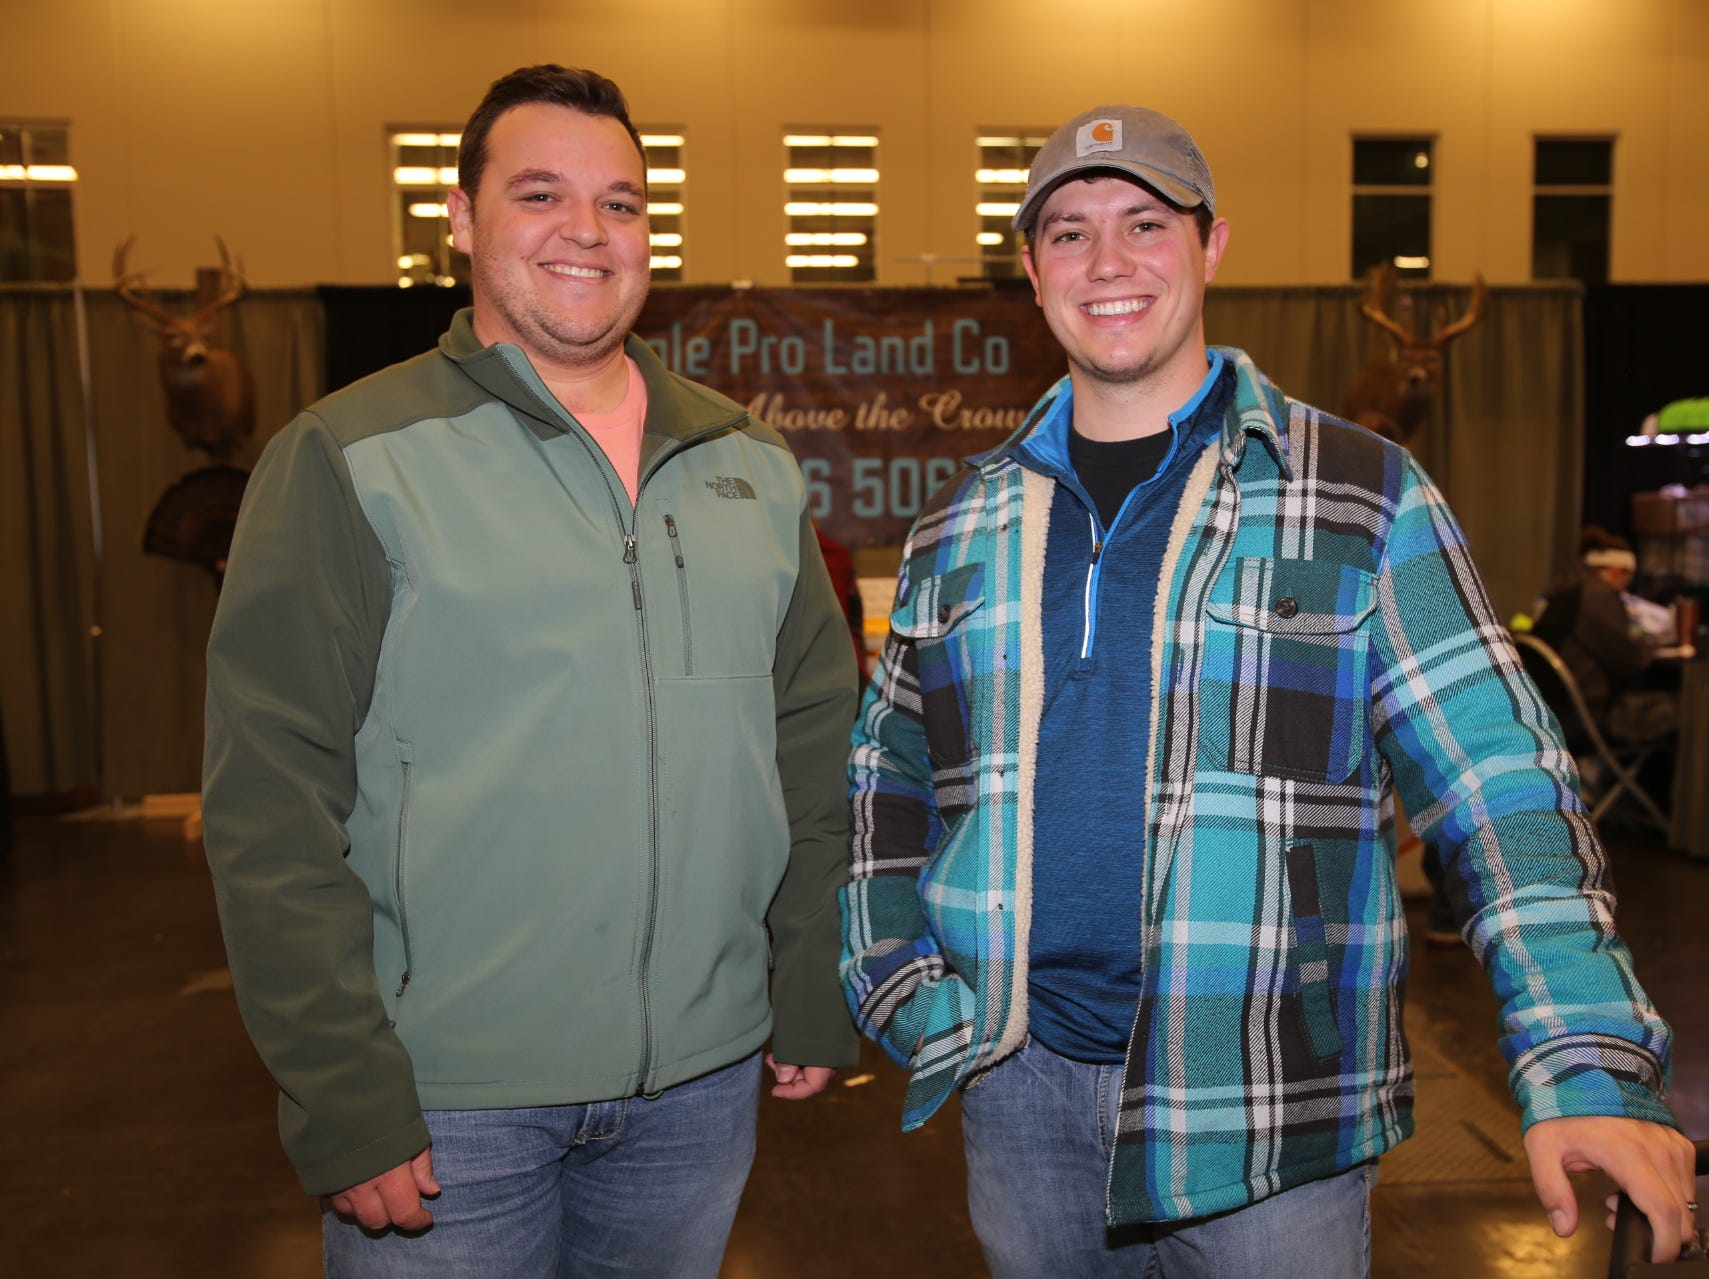 Blake Boyd and Gus Ramseur